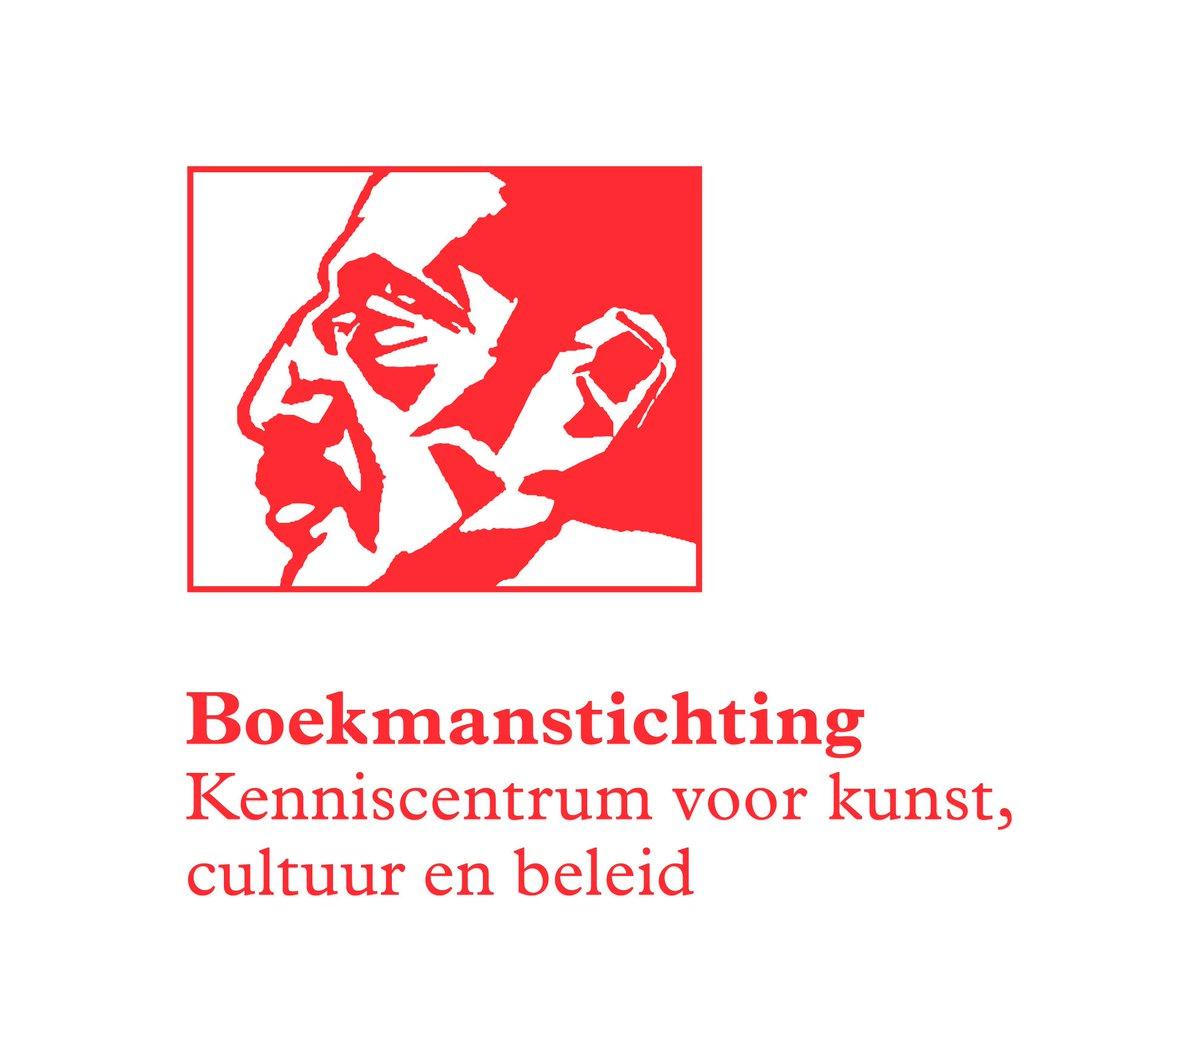 """Boekmanstichting on Twitter: """"De Boekmanstichting zoekt een directeur/bestuurder. Voor meer informatie: https://t.co/flL1e89J8a… """""""